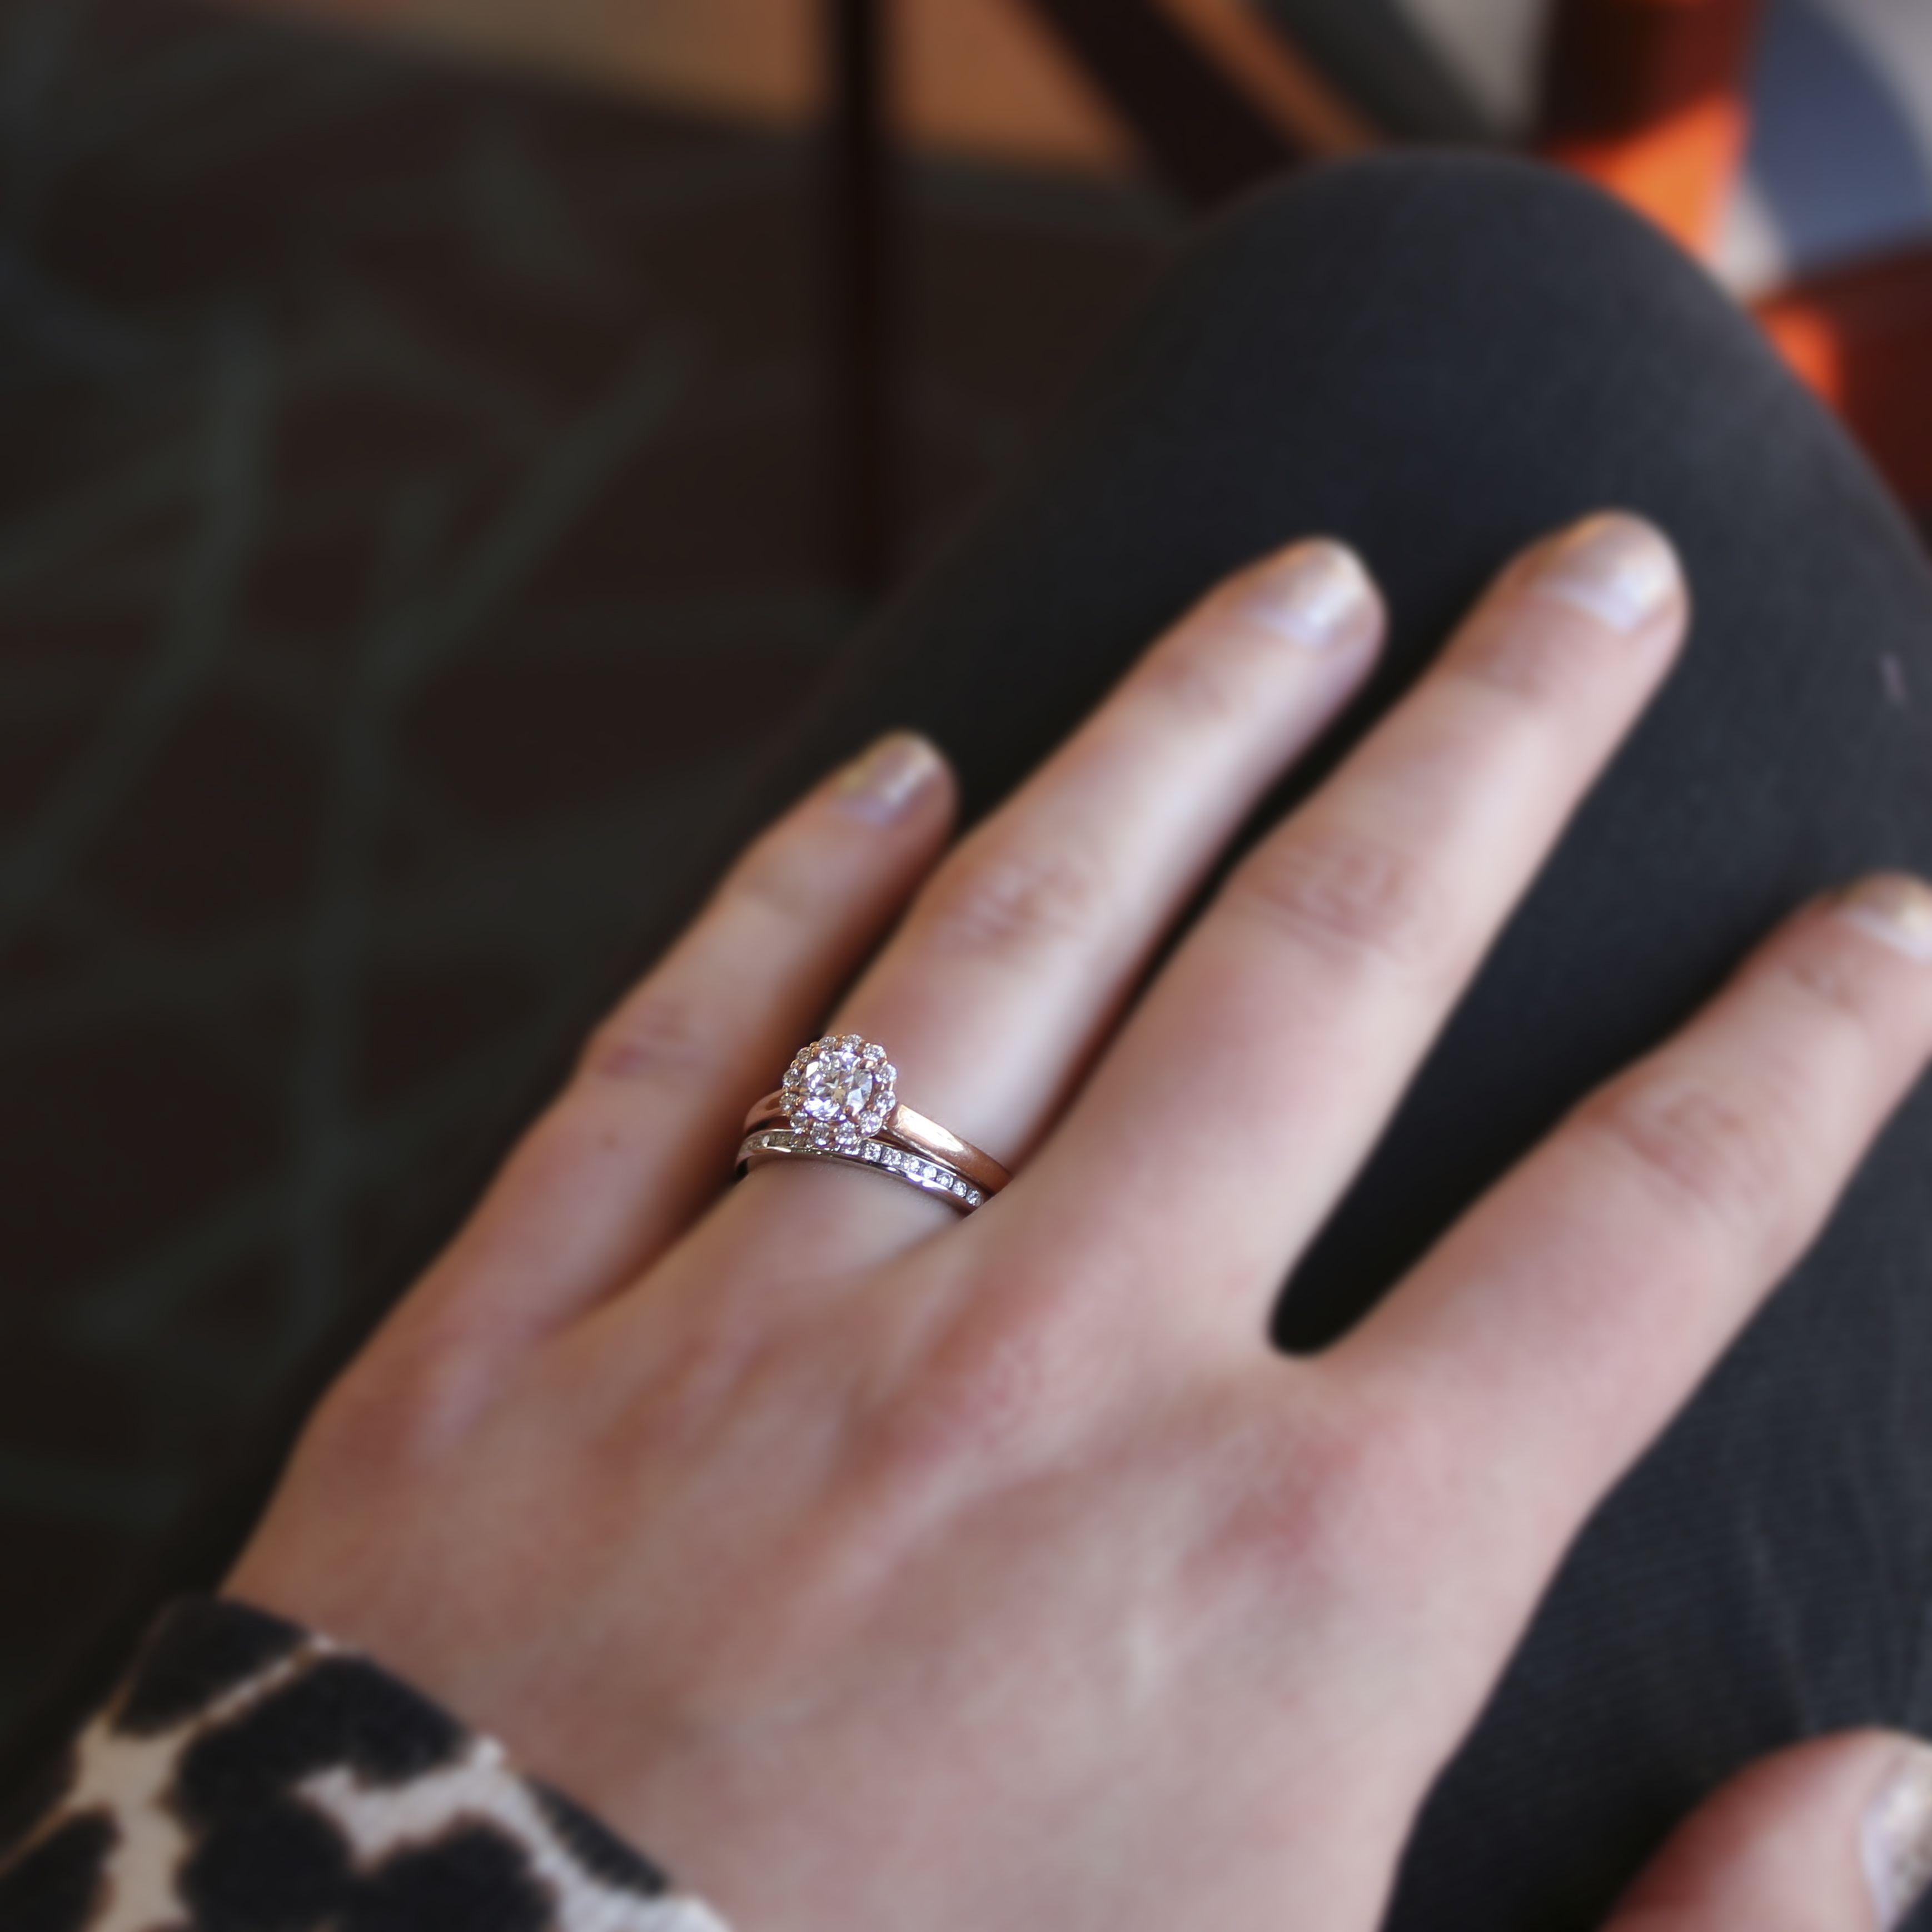 Rose Gold Engagement Ring White Gold Wedding Band Mix Match Wedding Rings R Black Wedding Rings Kay Jewelers Engagement Rings Double Band Wedding Ring